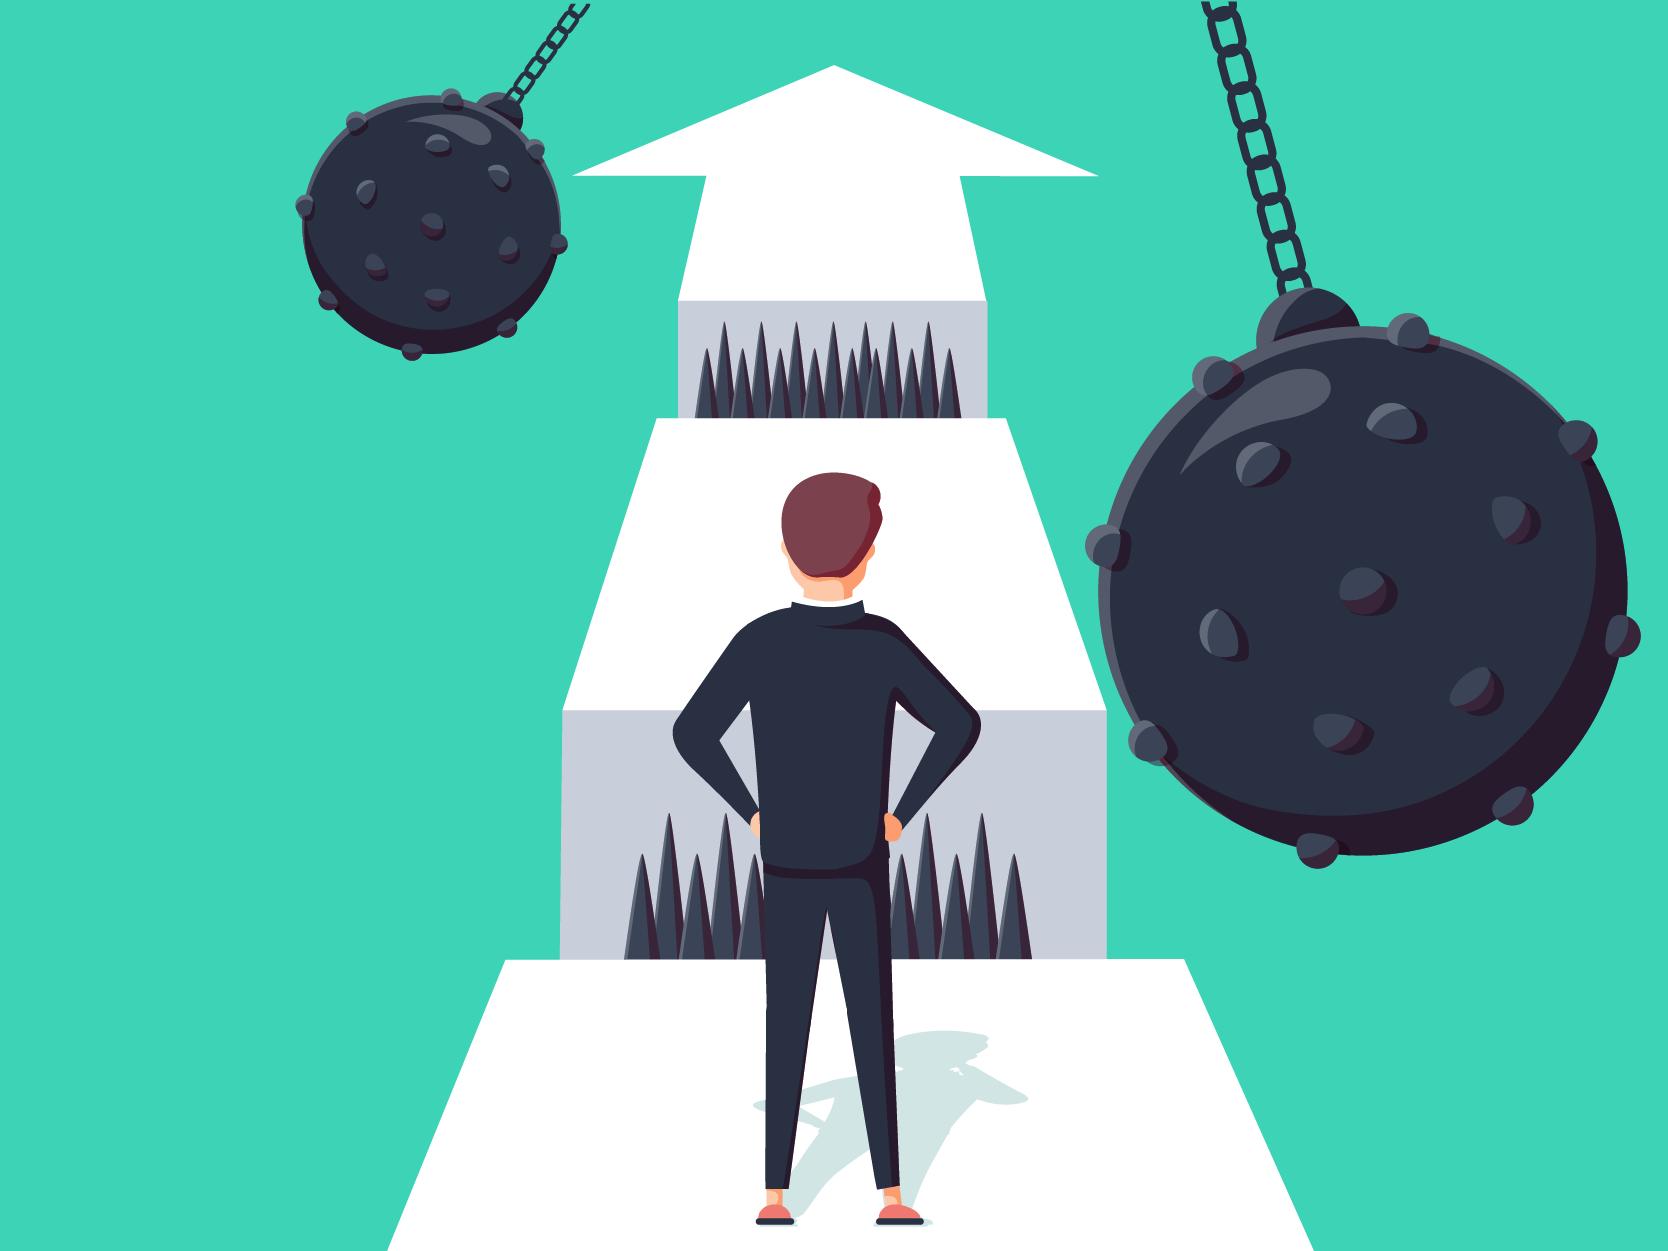 الحياة في امريكا: أبرز 5 صعوبات تواجه المغتربين